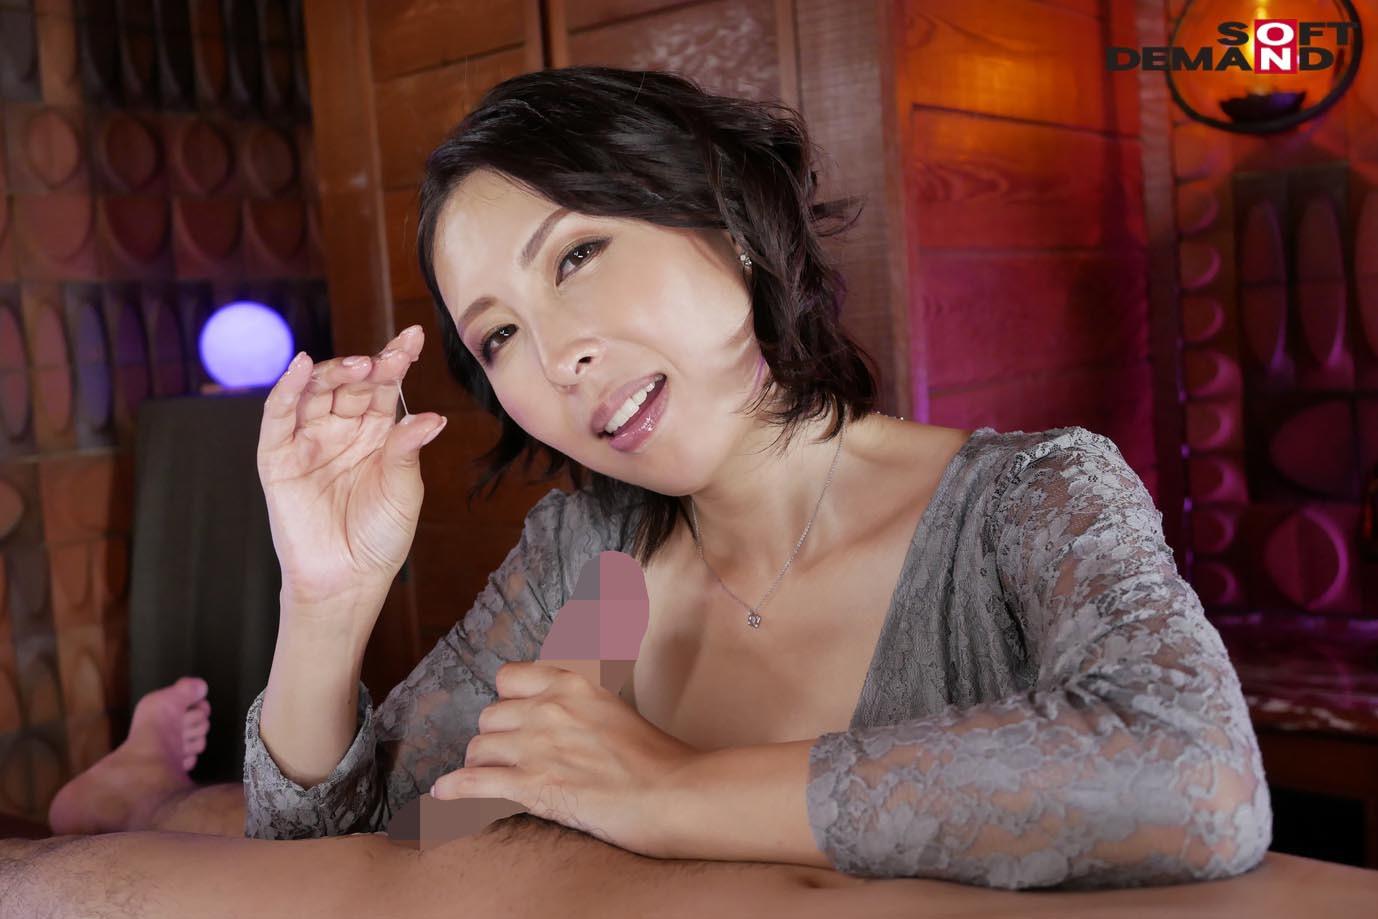 「チ○ポが雄叫びあげる」ほど超気持ちいいリアルメンズエステサロン 佐田茉莉子,のサンプル画像12